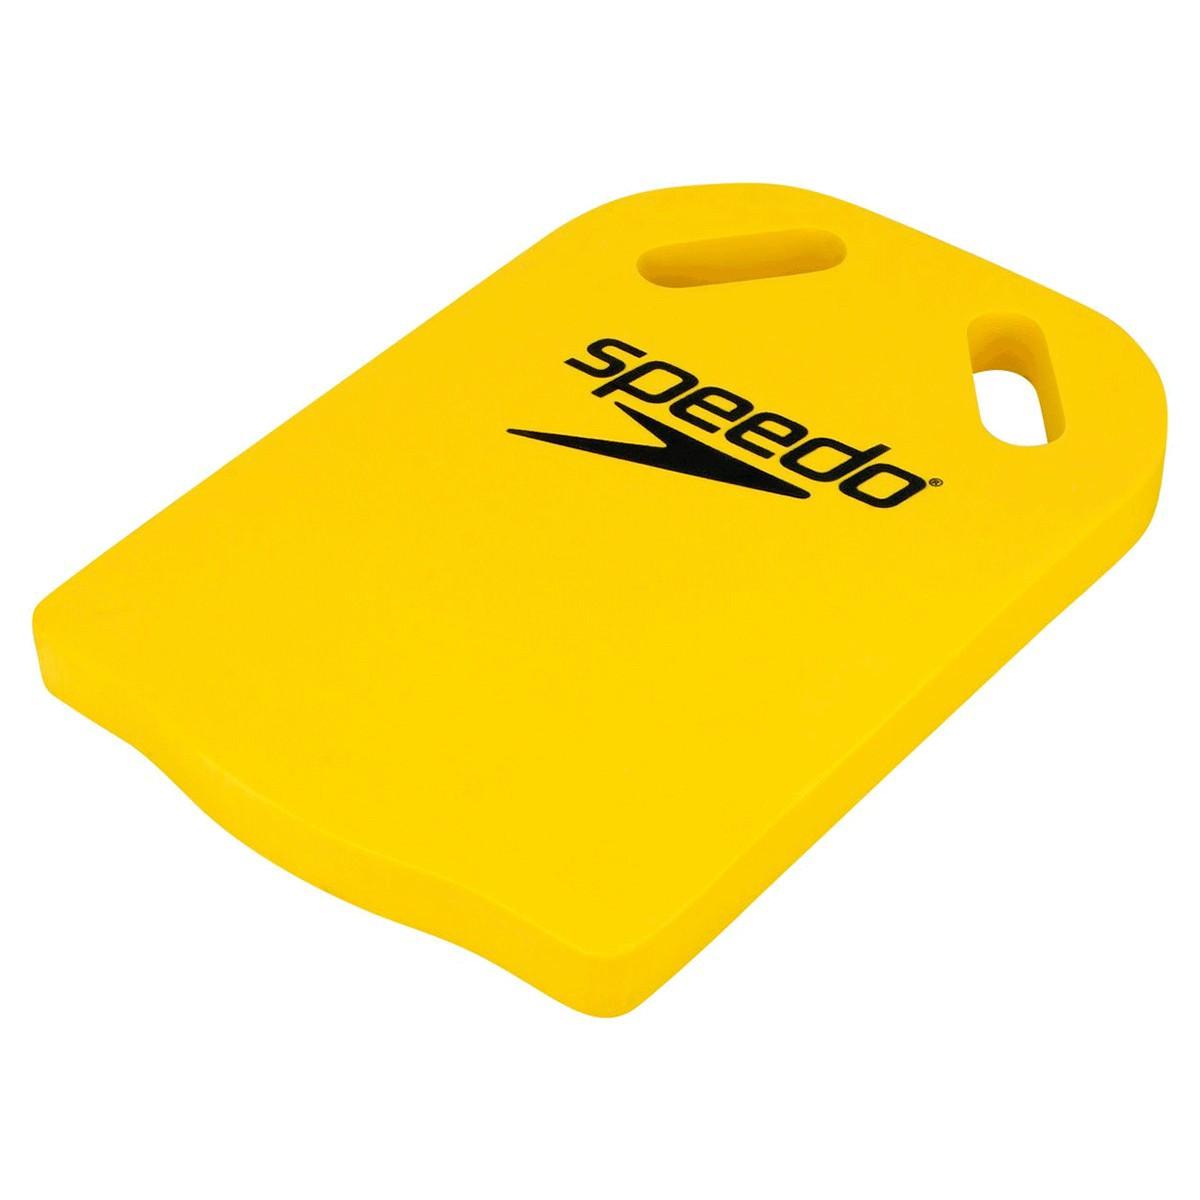 Prancha Speedo Acquajet Amarelo